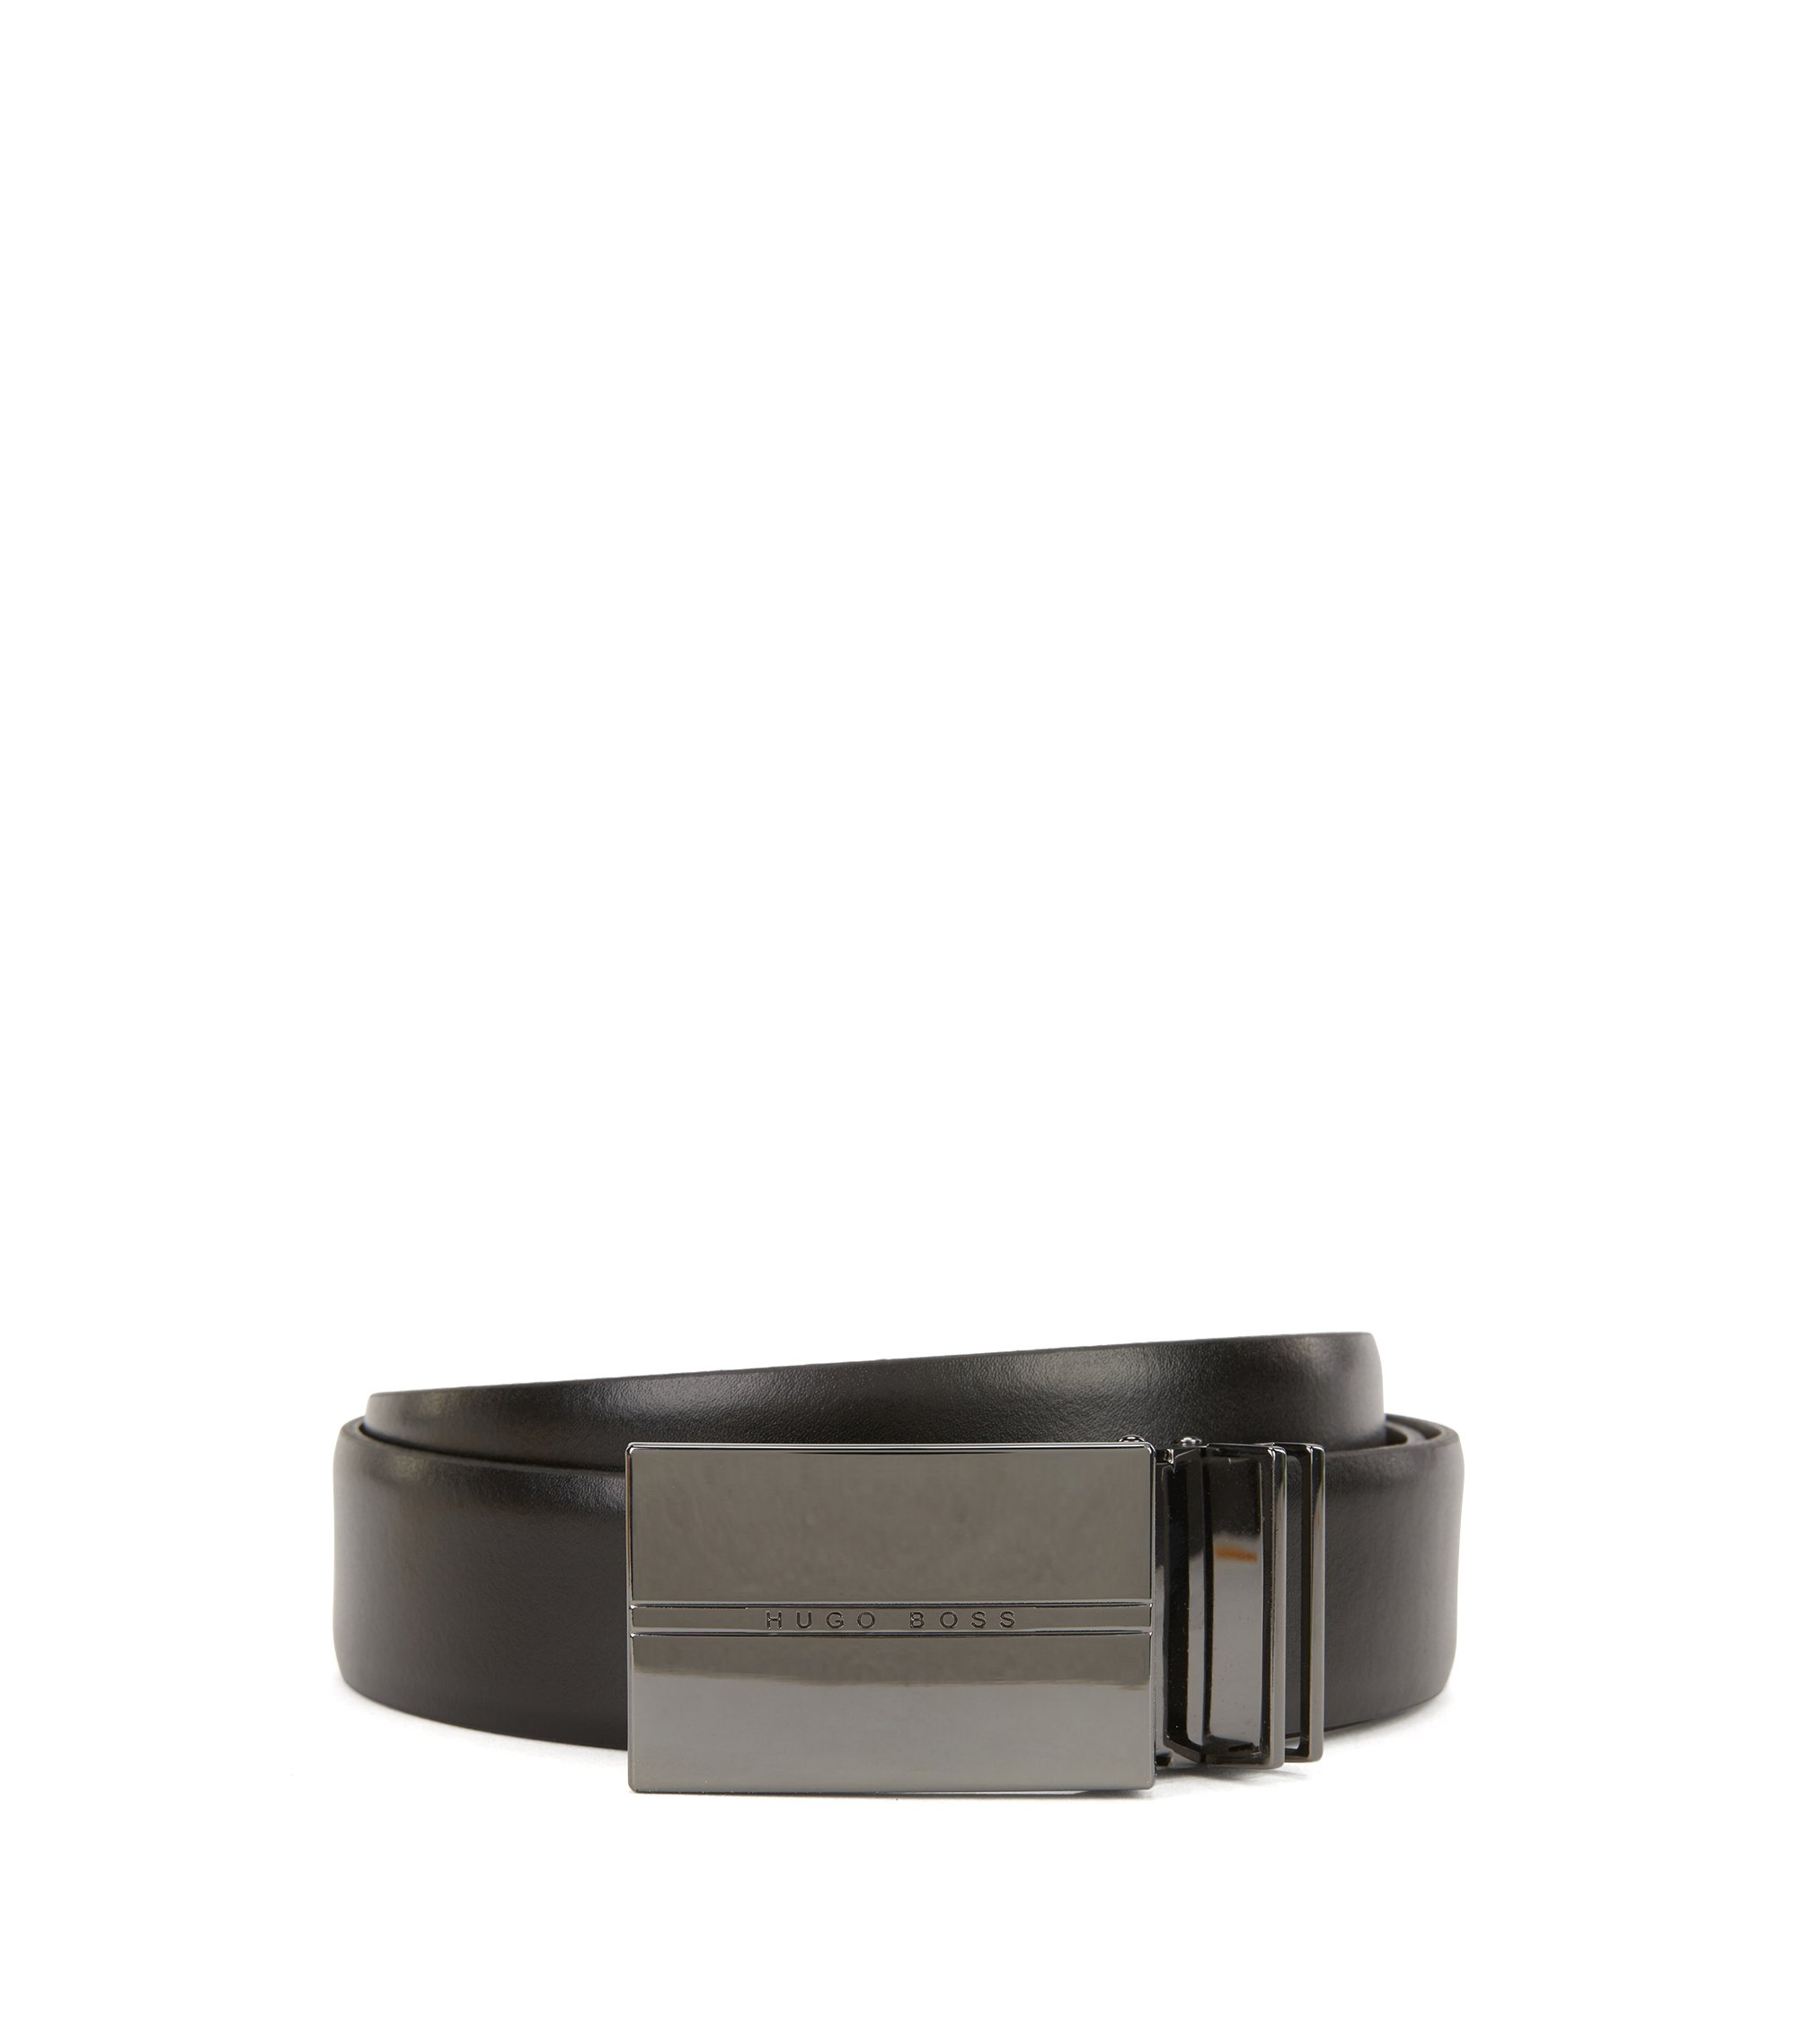 Coffret cadeau avec ceinture réversible en cuir lisse et boucle à double passant en métal poli couleur acier, Noir